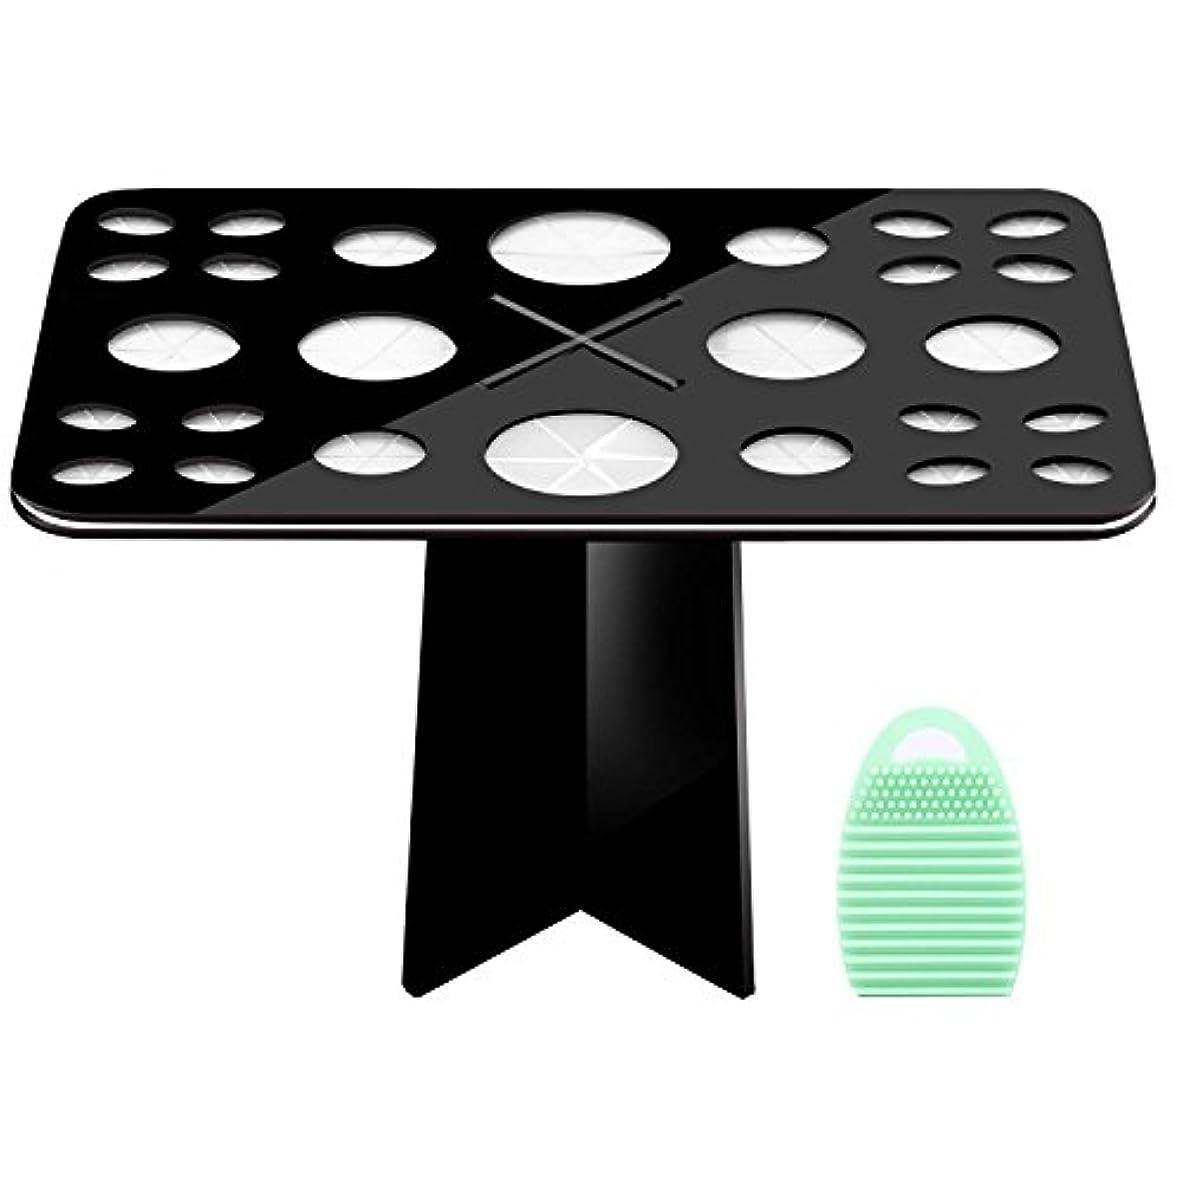 チェス哺乳類経験メイクブラシスタンド+メイクブラシクリーナーセット - Luxspire コスメホルダー 小型軽量の洗濯板 ブラシ洗濯とブラシ乾かすのに最適